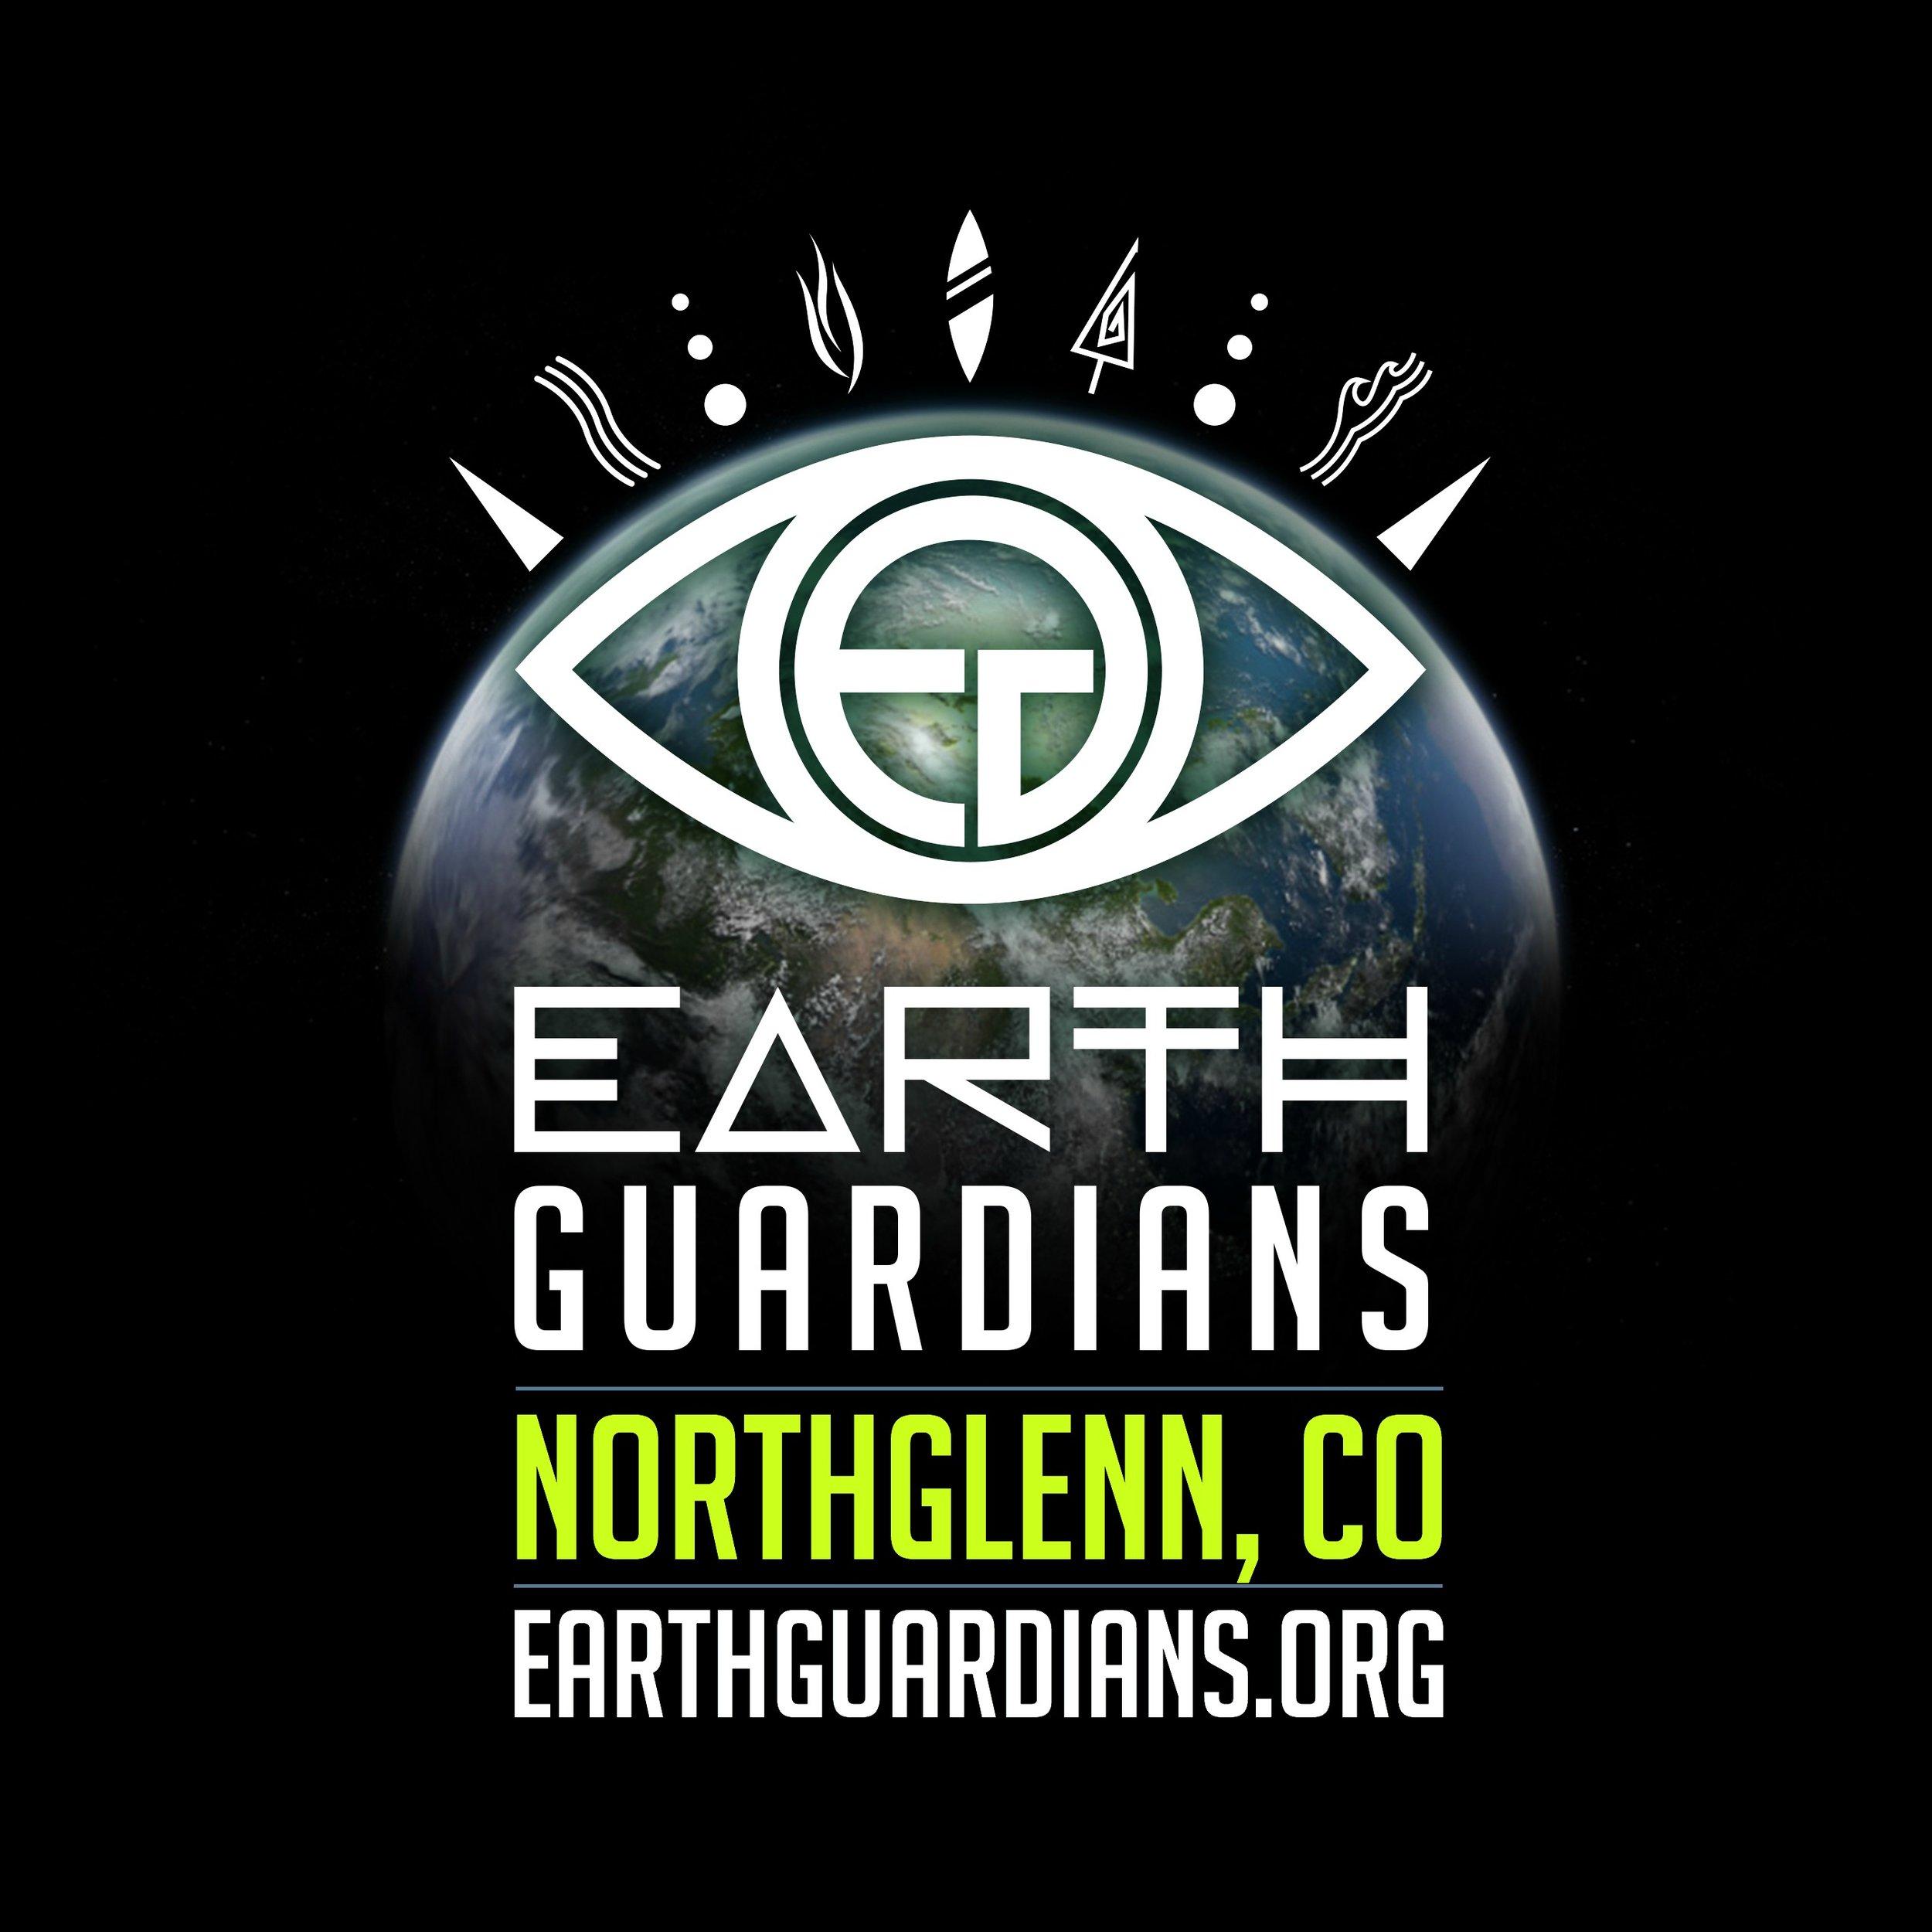 EG_crew logo NORTHGLENN CO.jpg